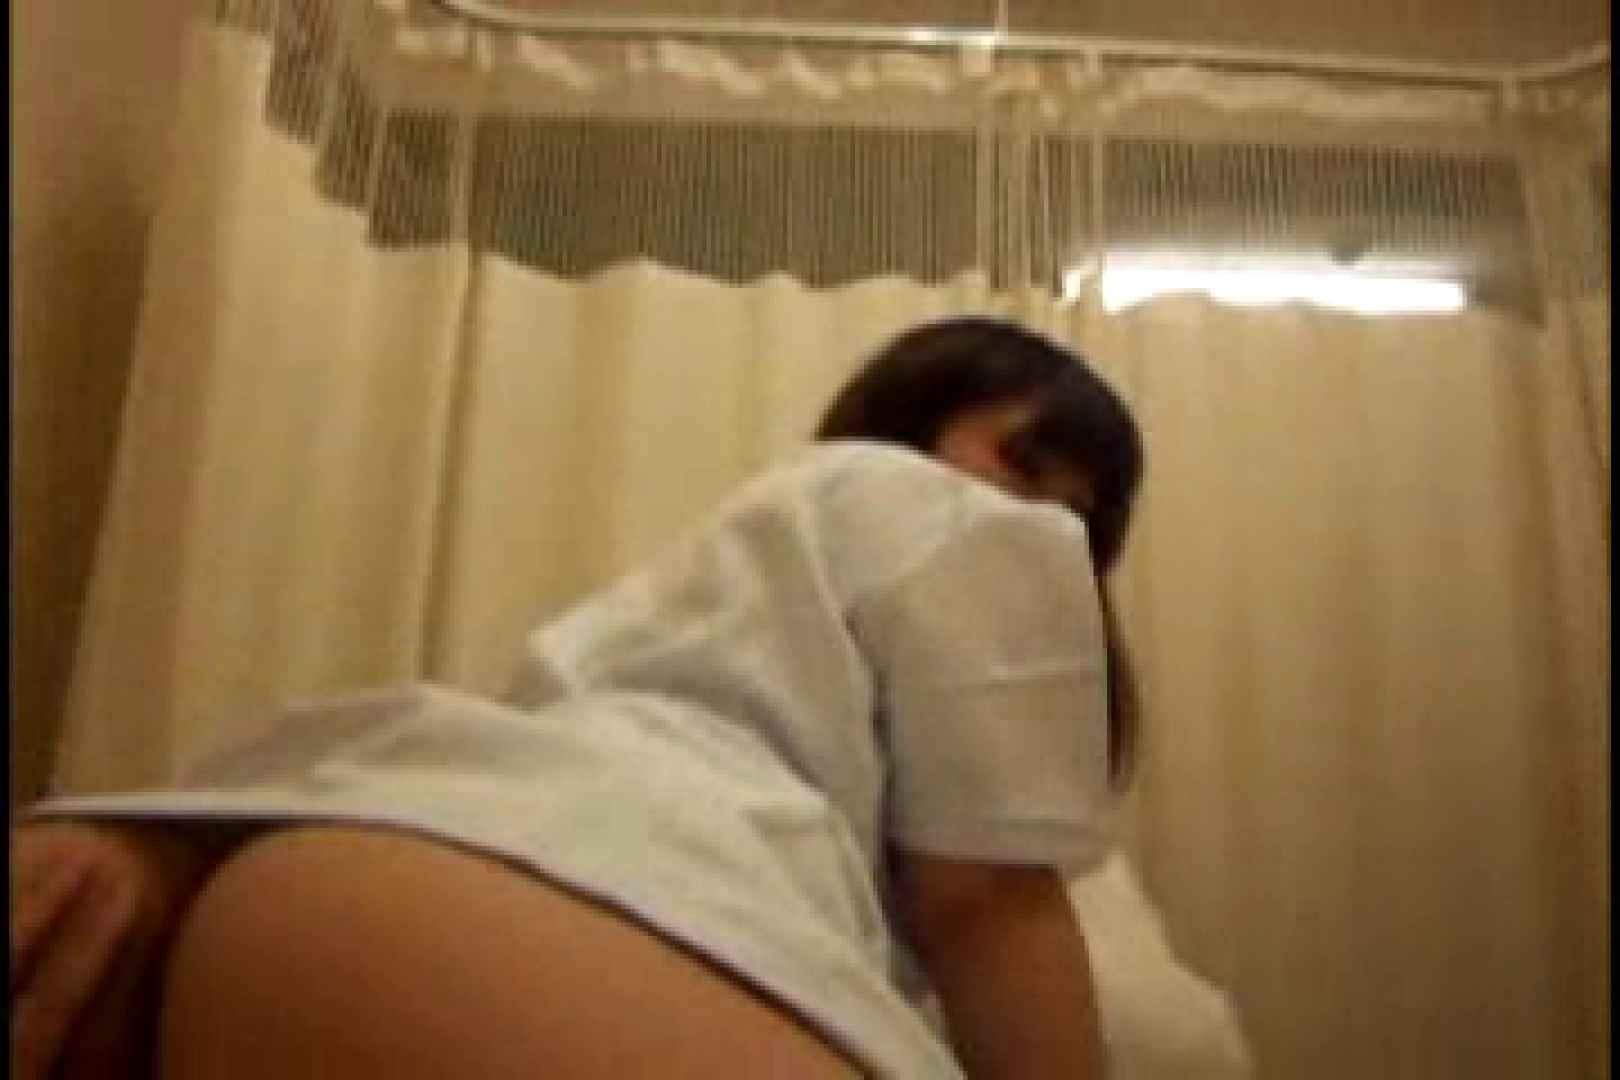 ヤリマンと呼ばれた看護士さんvol2 0   0  81画像 73